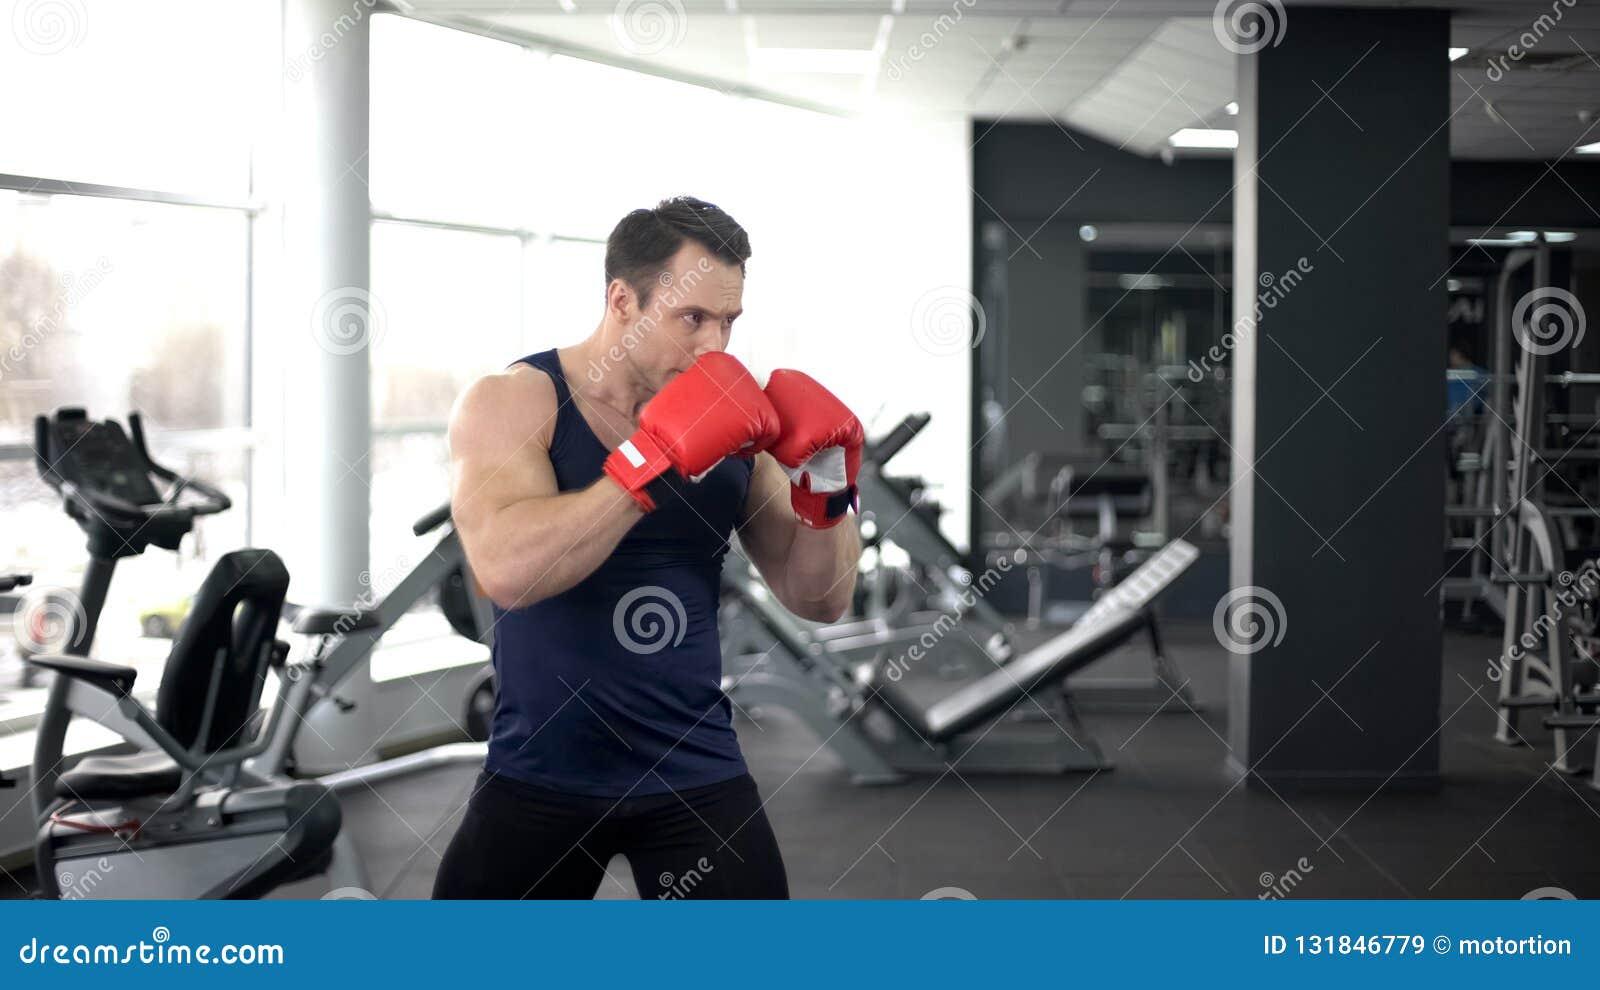 Muskulöser Boxer in den Handschuhen ausbildend in der Turnhalle, kämpfende Position tuend, Sportgeist